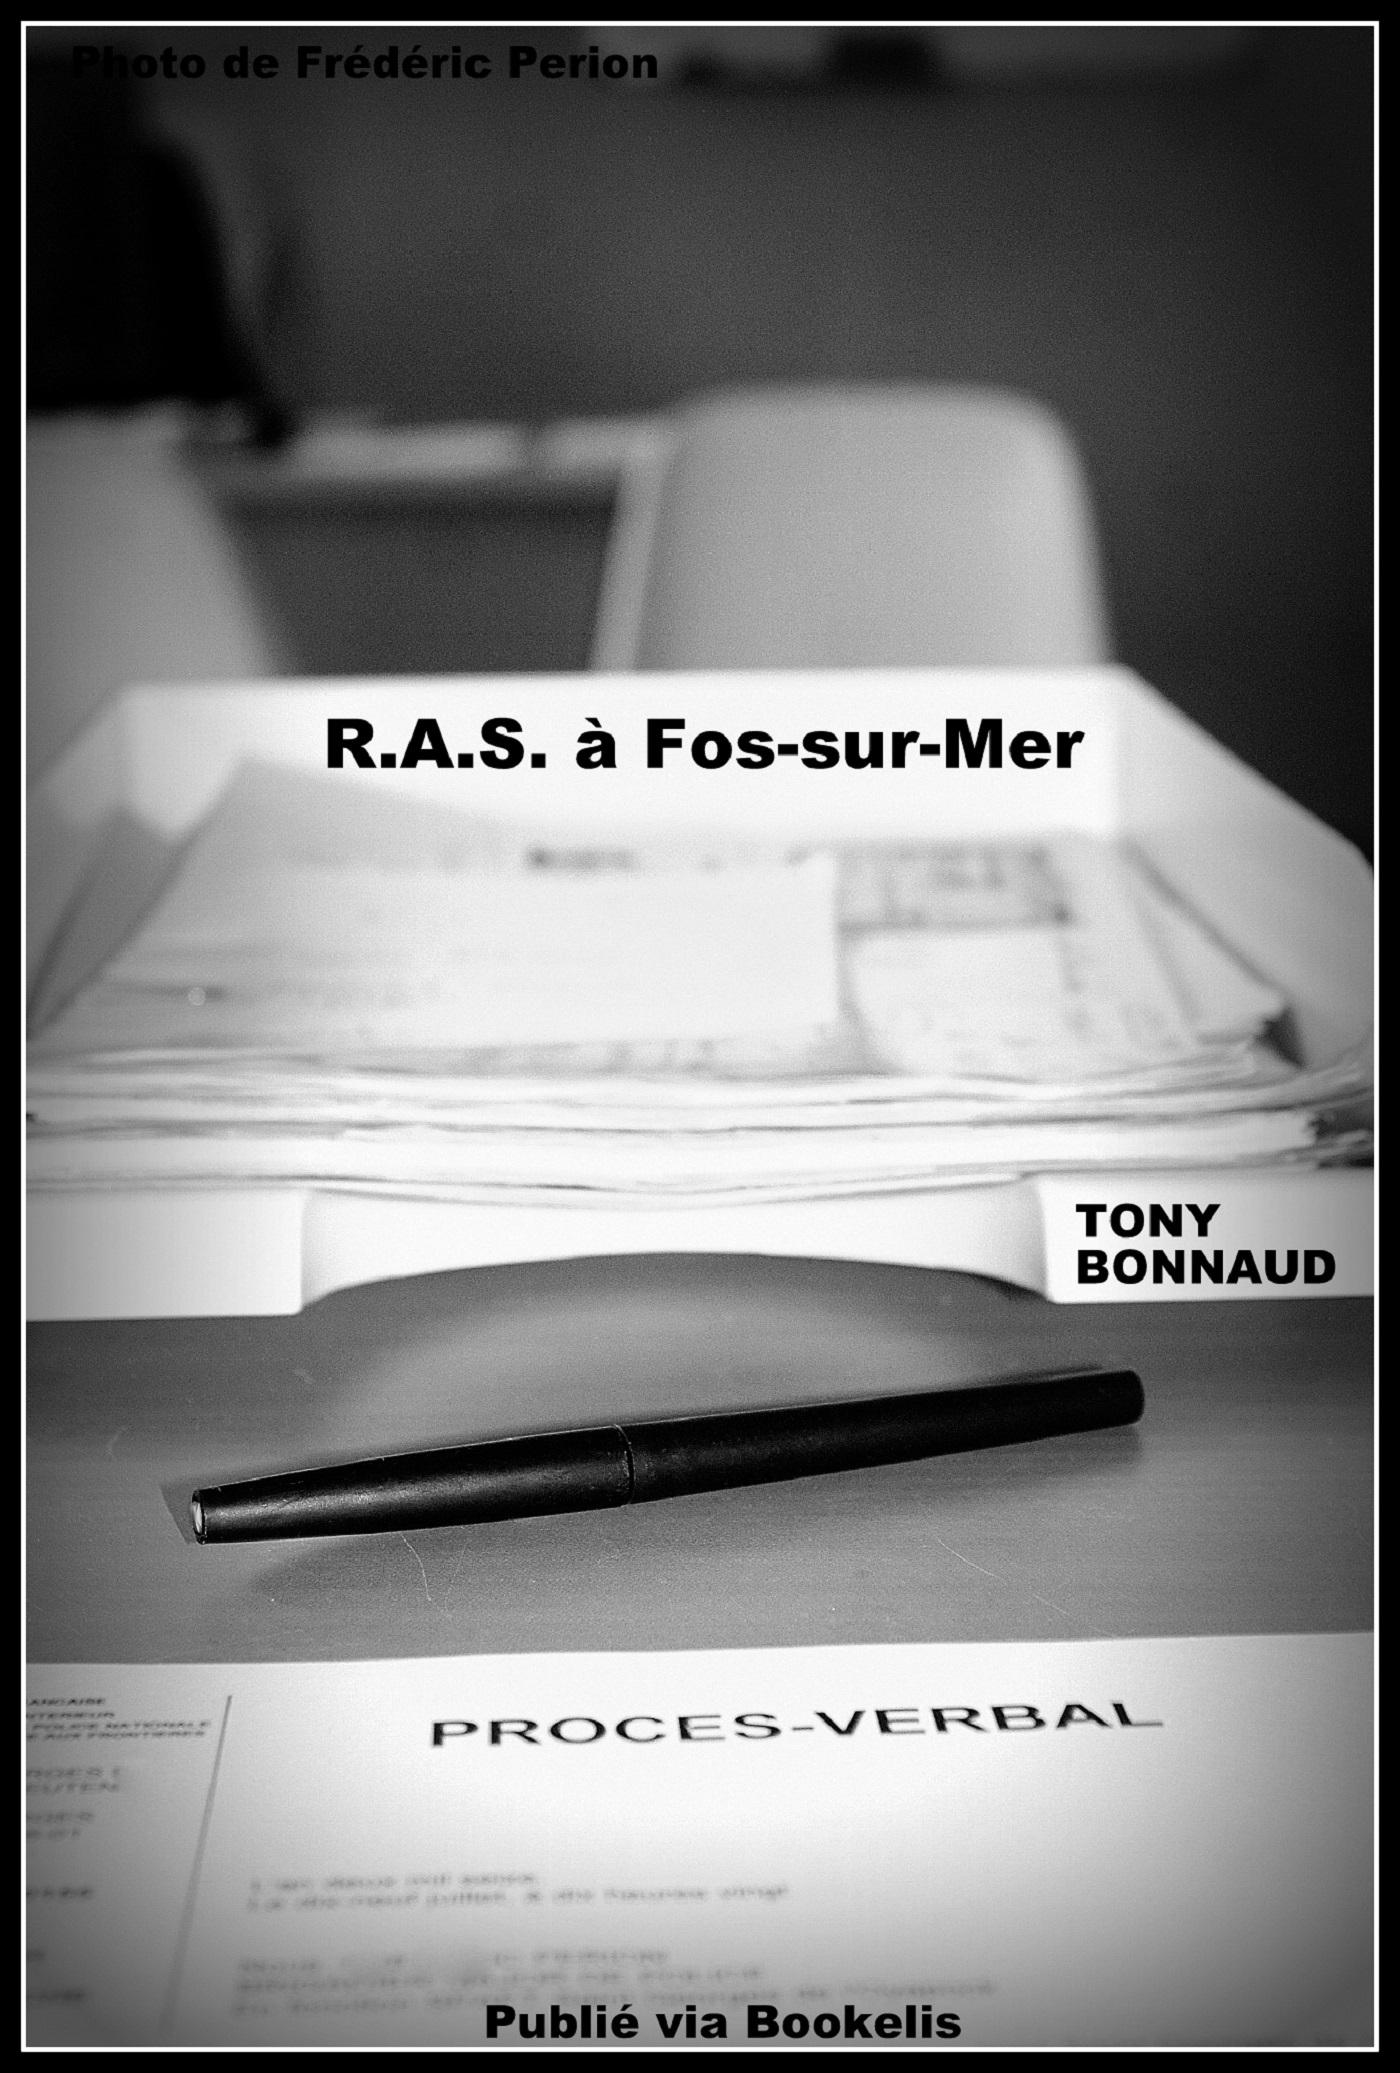 R.A.S. À FOS-SUR-MER